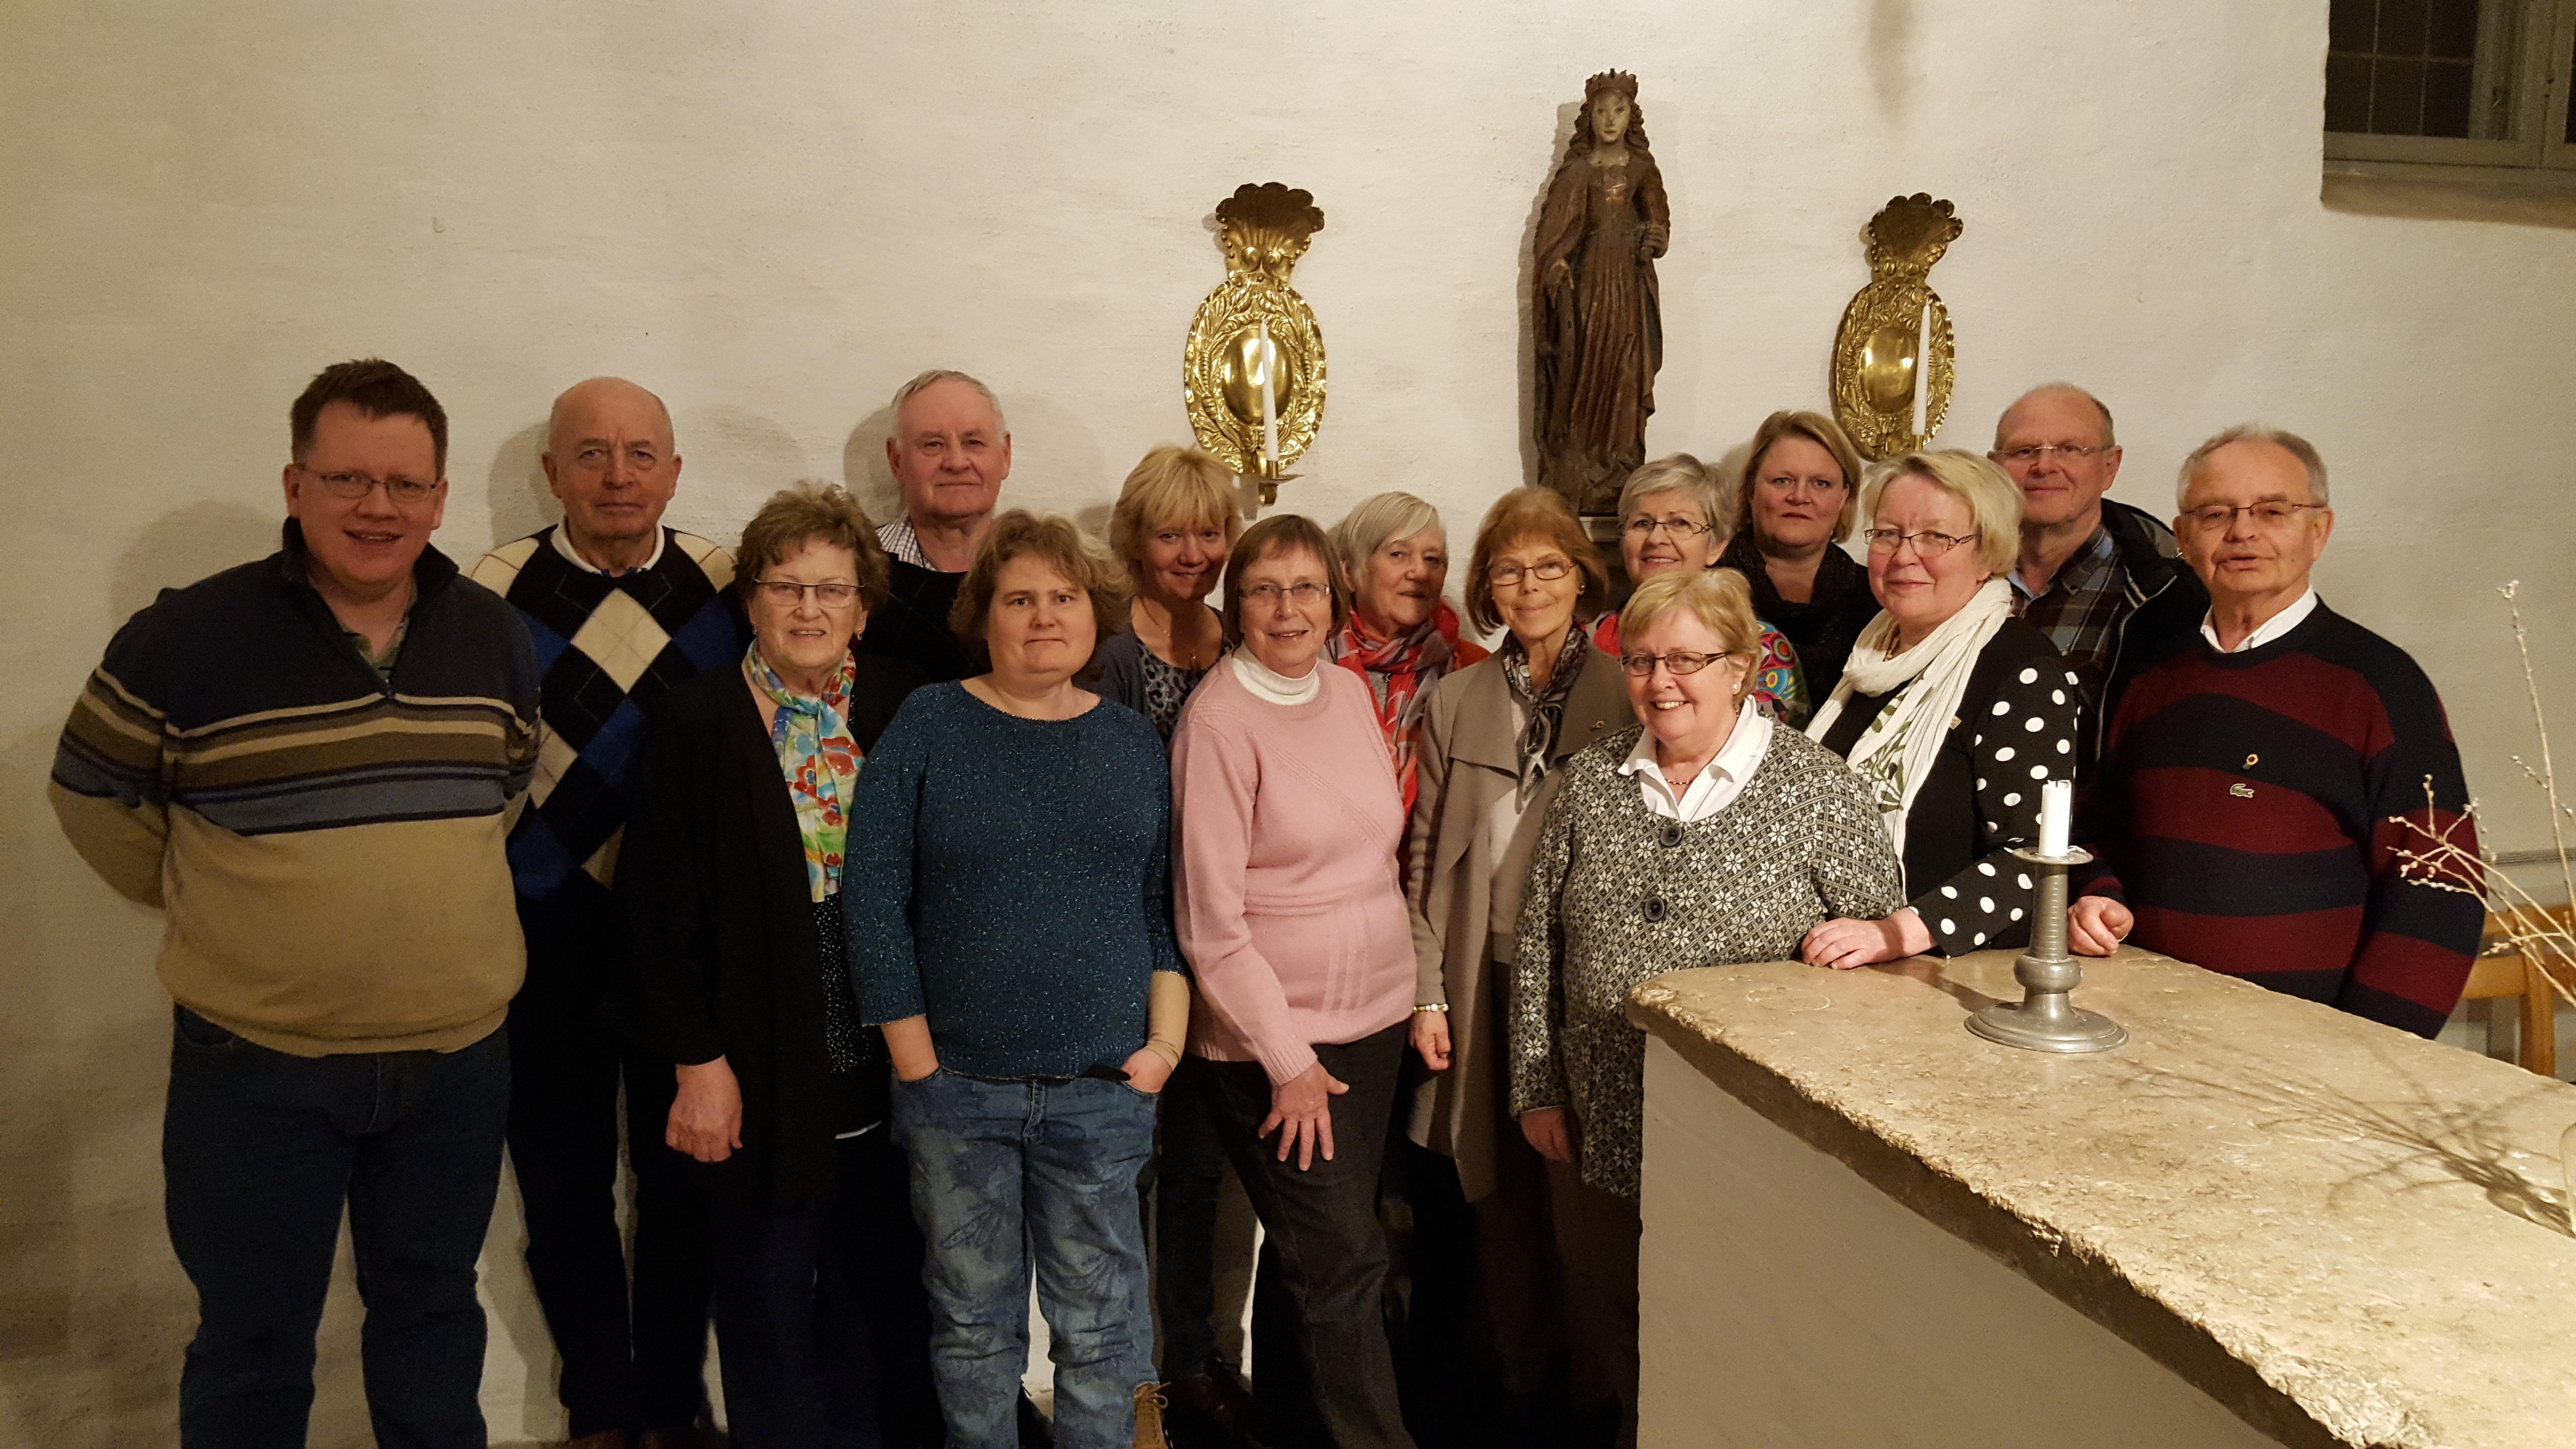 Några av de som kandiderar för POSK i kyrkovalet i Söderköping S:t Anna församling.